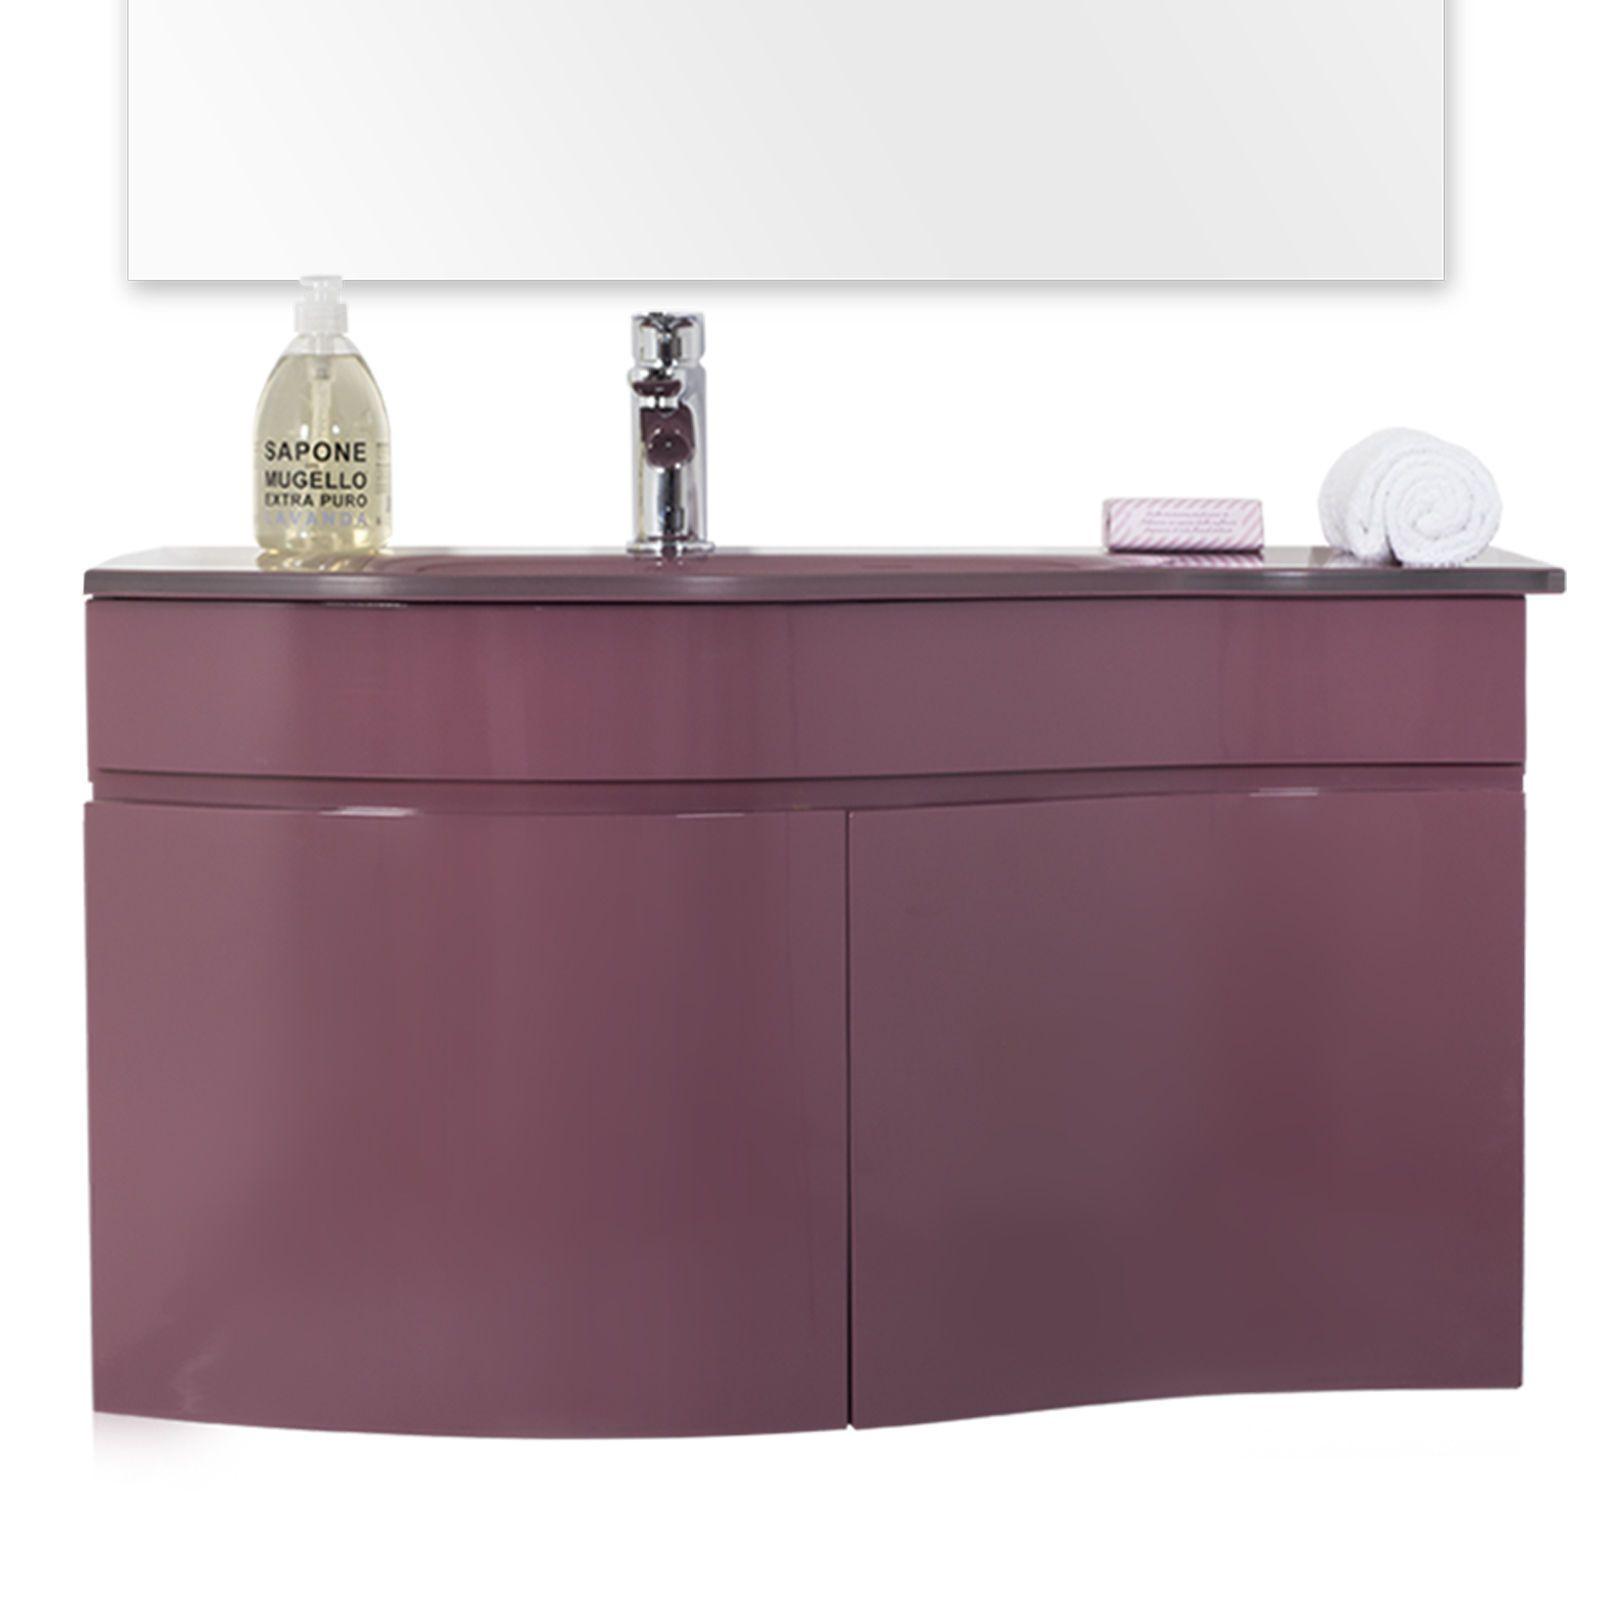 mobile bagno in 9 colori per arredo lavabo in cristallo + ... - Arredo Bagno Marsala